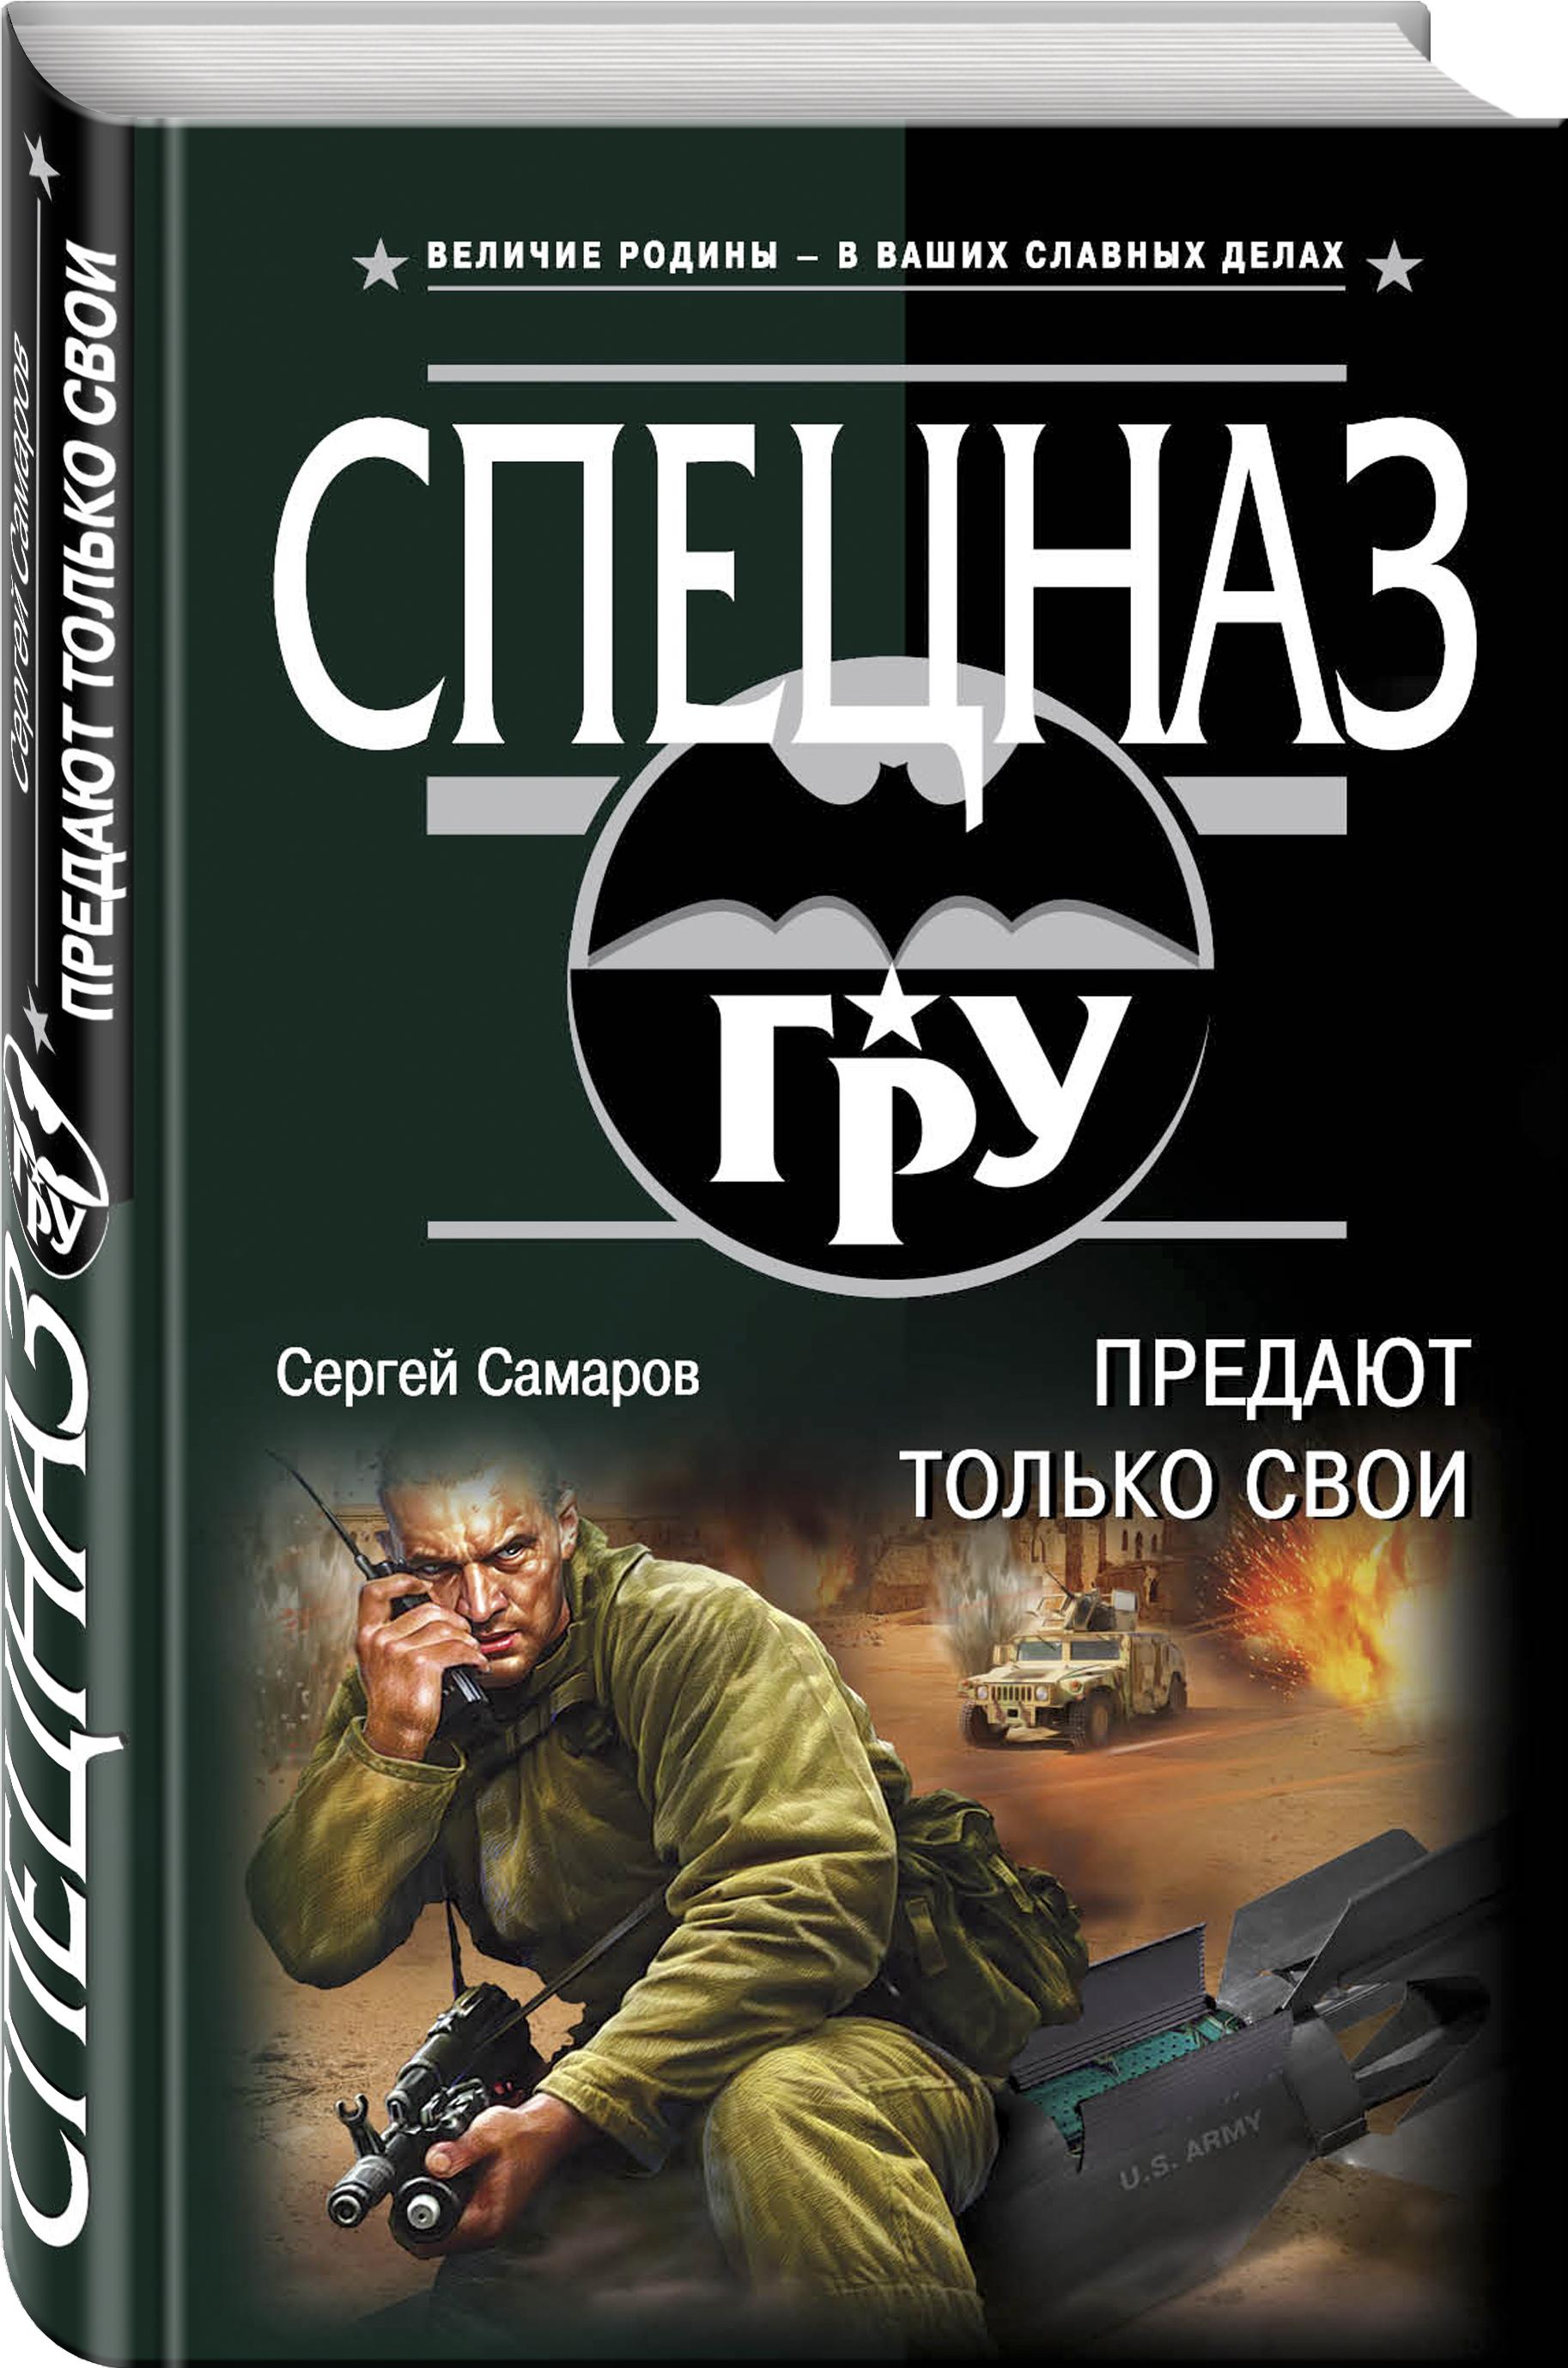 Сергей Самаров Предают только свои